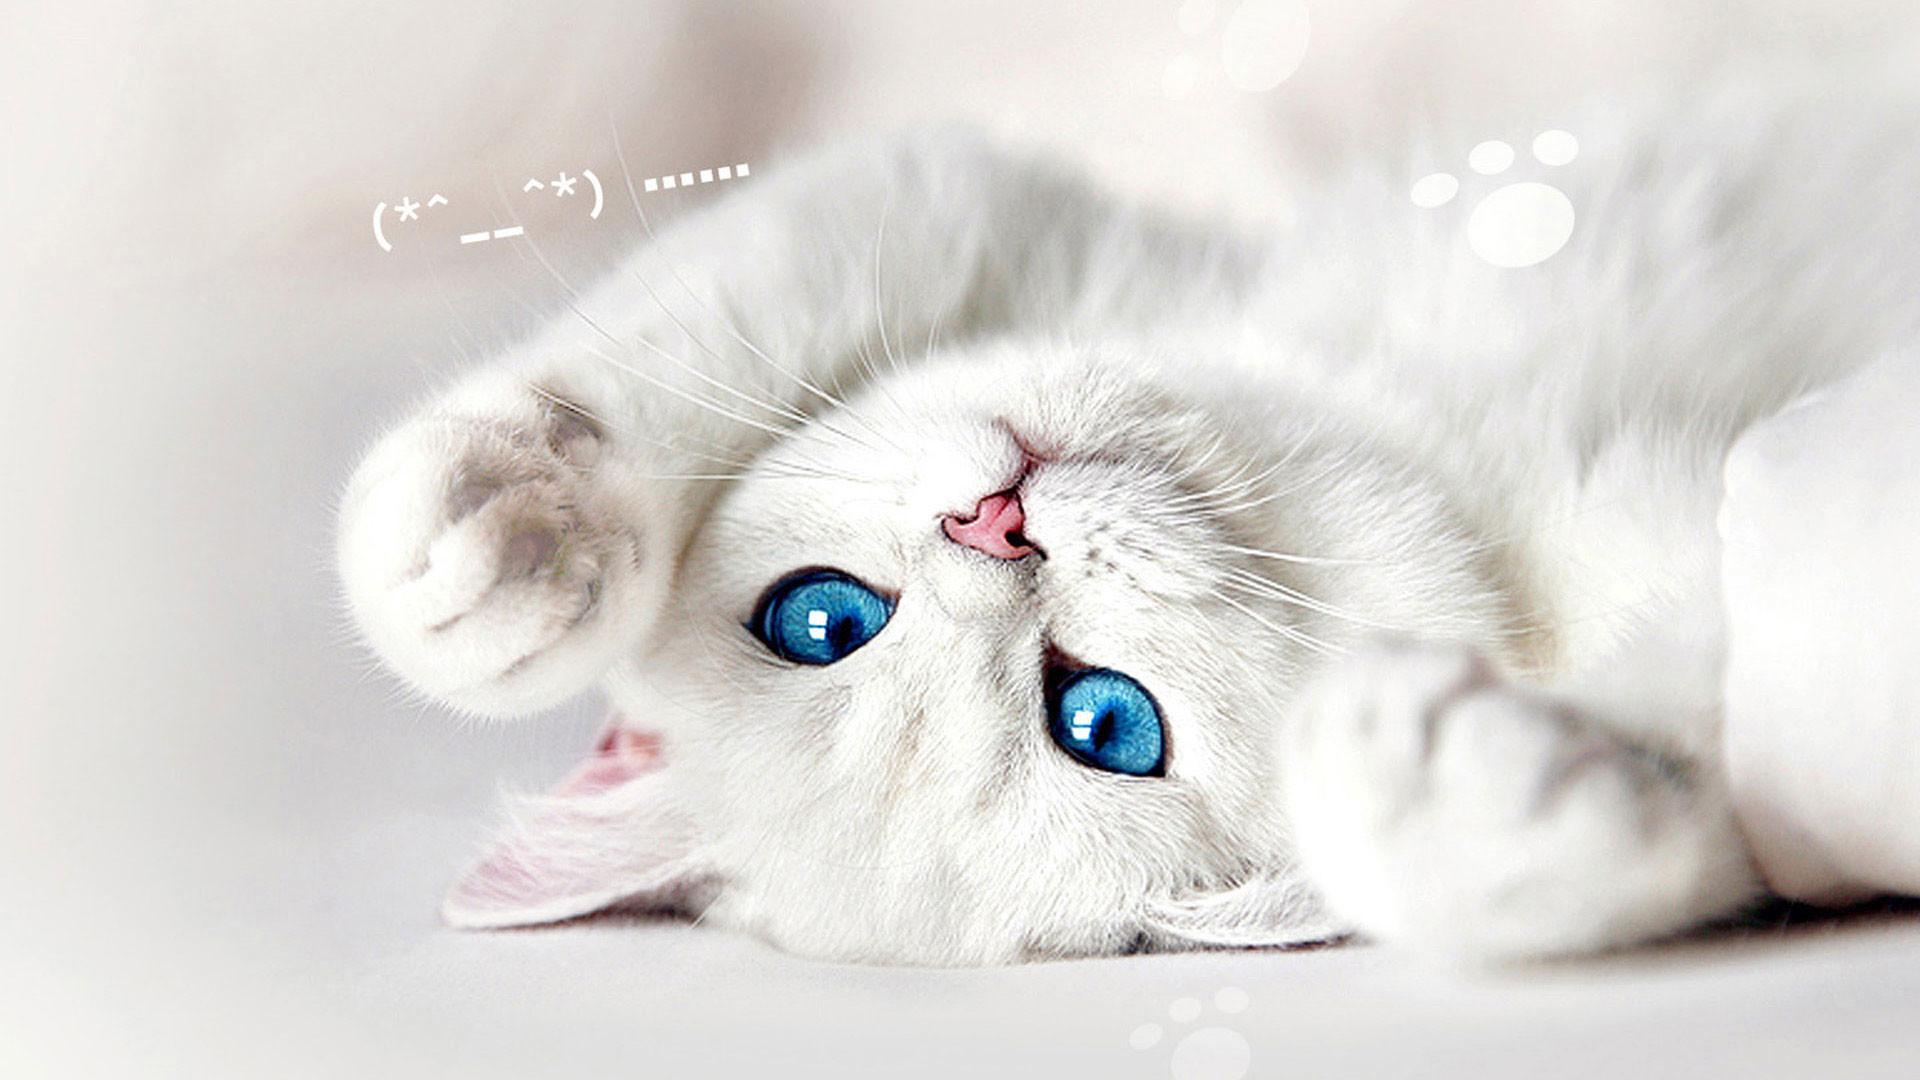 Cute Wallpapers Of Grumpy Cat Cat Wallpaper Desktop 68 Pictures